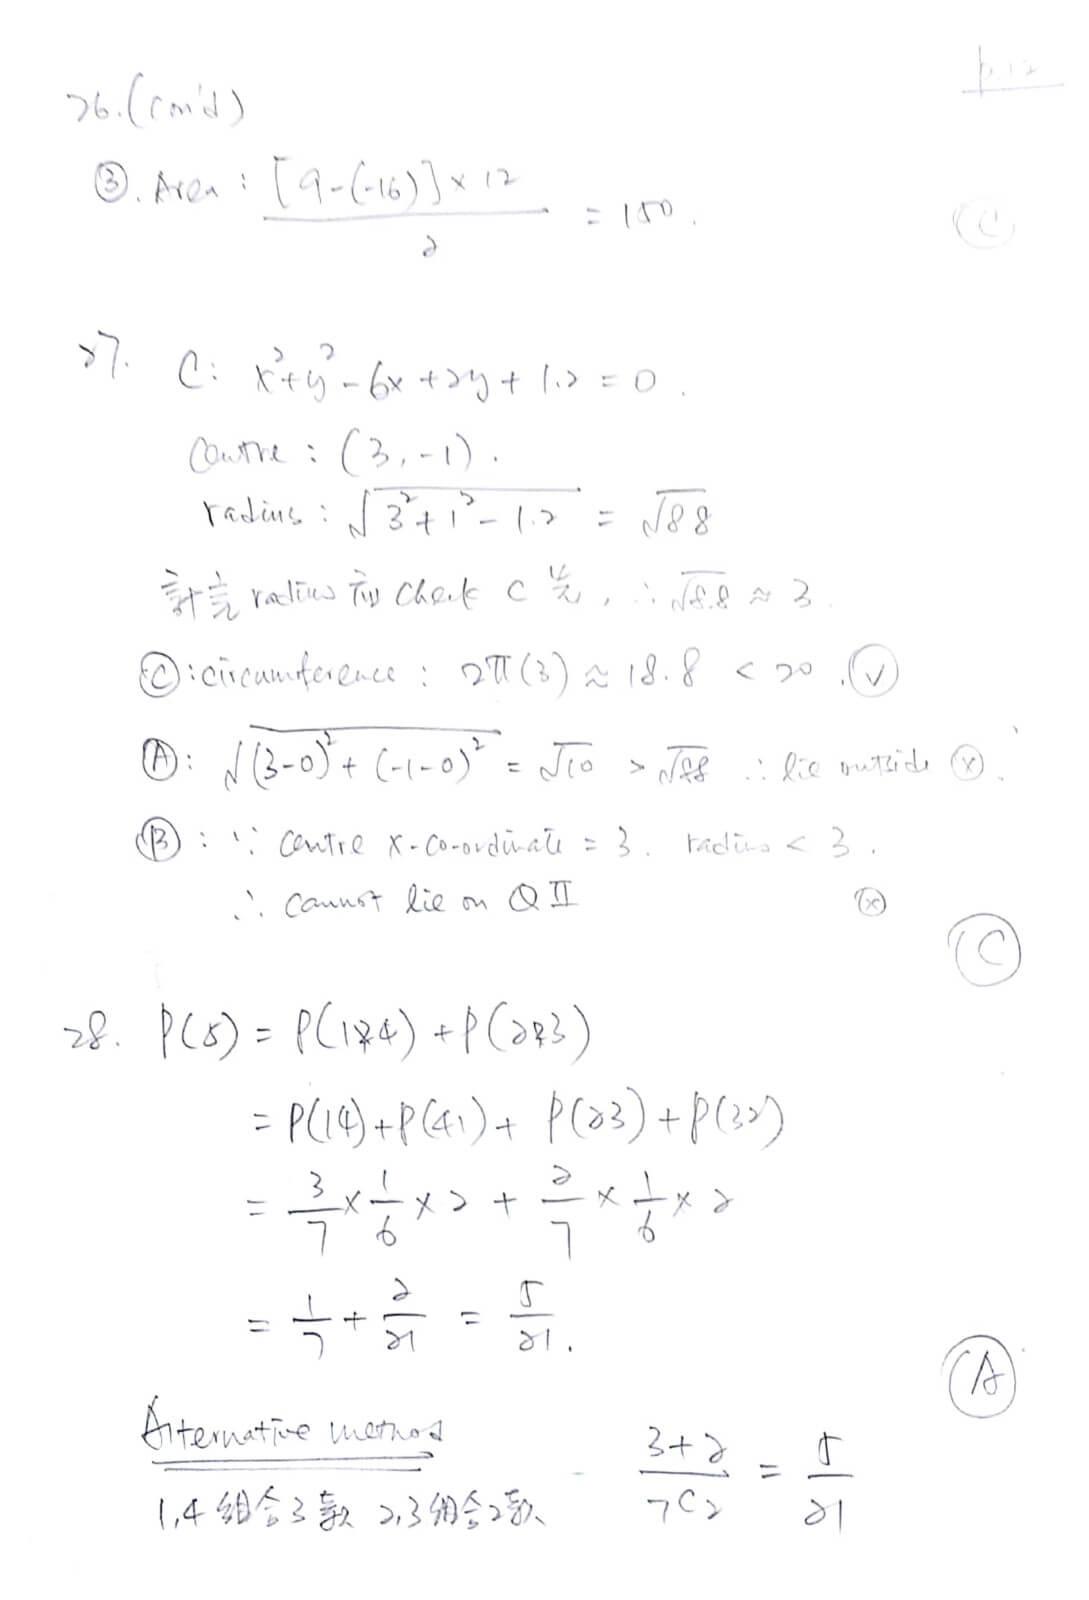 2018 DSE 數學卷二(MC) 詳細答案 Q26,27,28